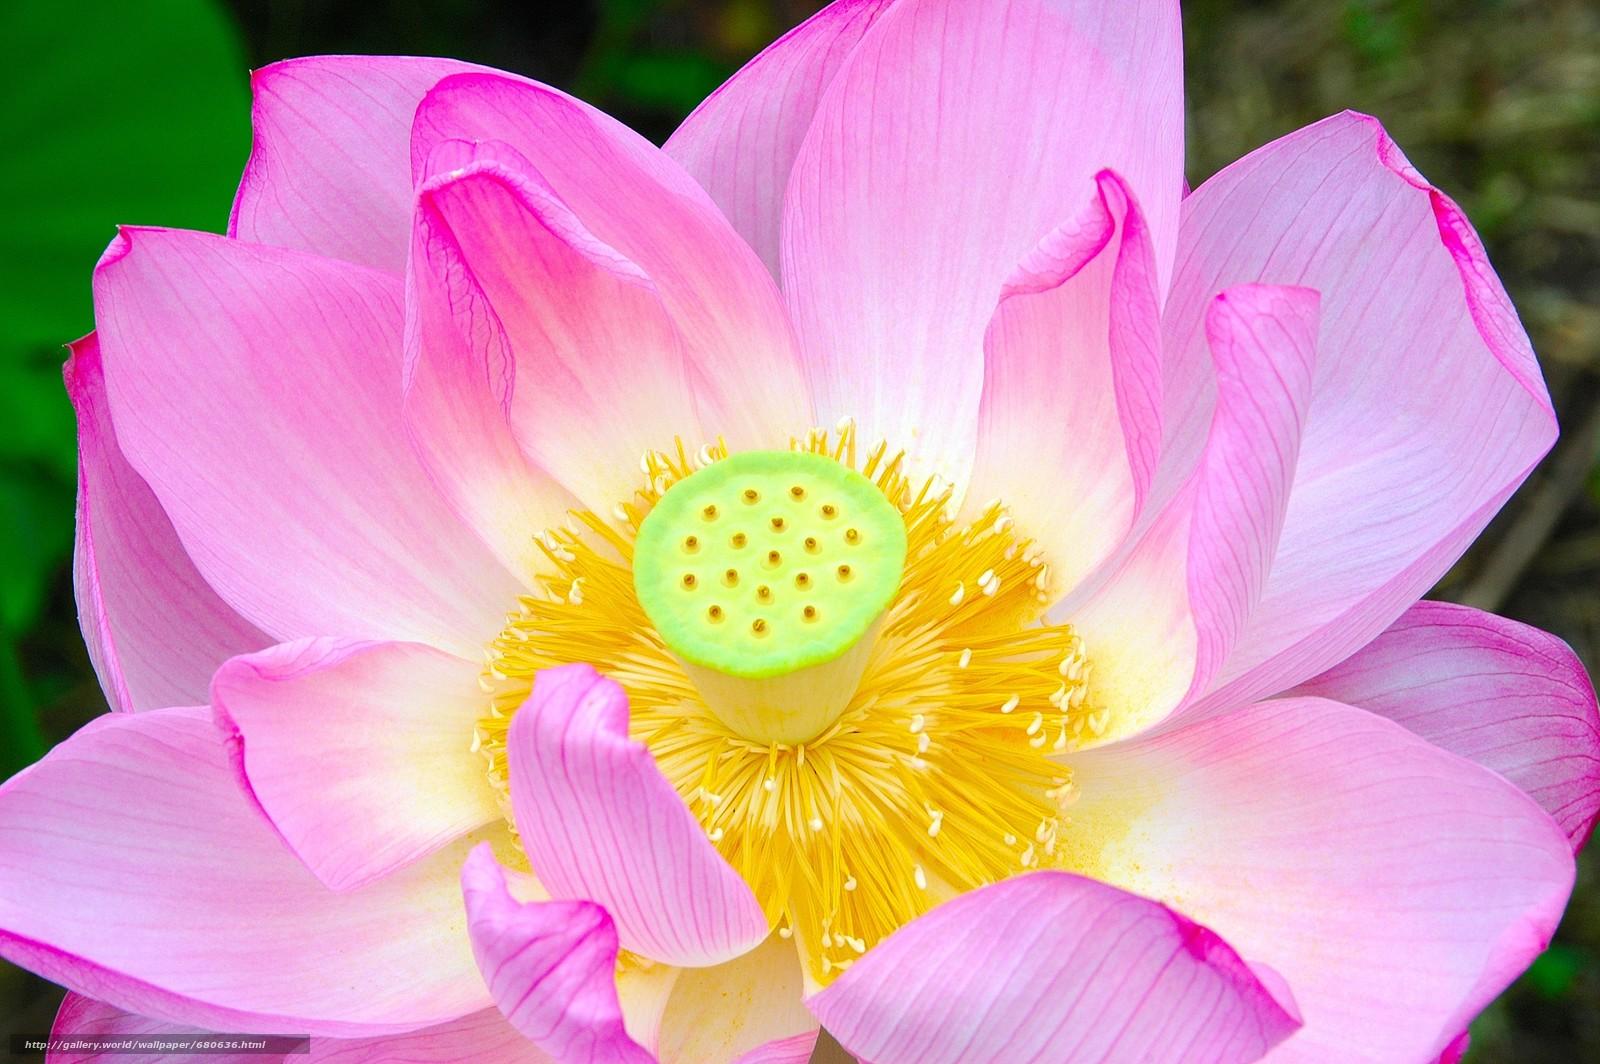 люди цветы лотоса фото высокого разрешения продаже